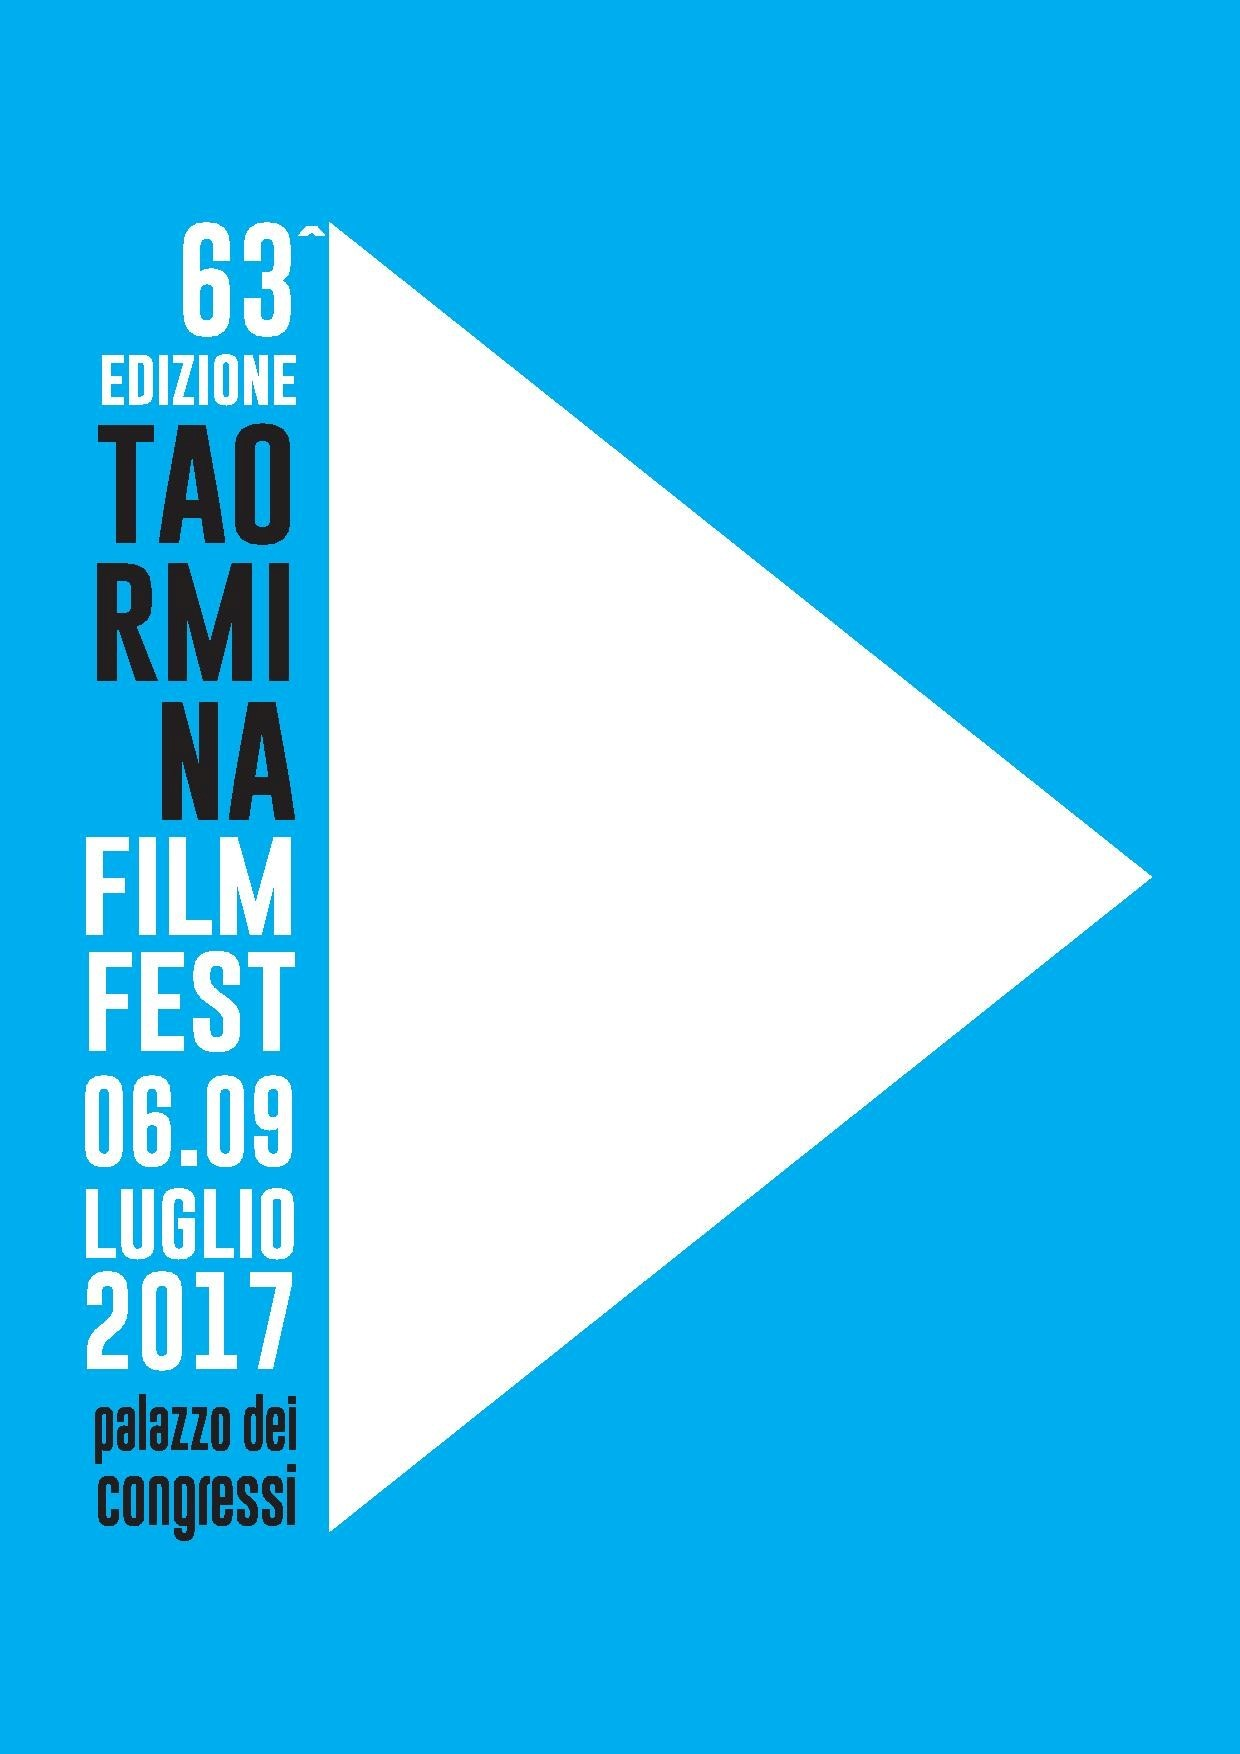 Picture of Conferenza stampa di presentazione del 63° TAORMINA FILMFEST (6 - 9 luglio)